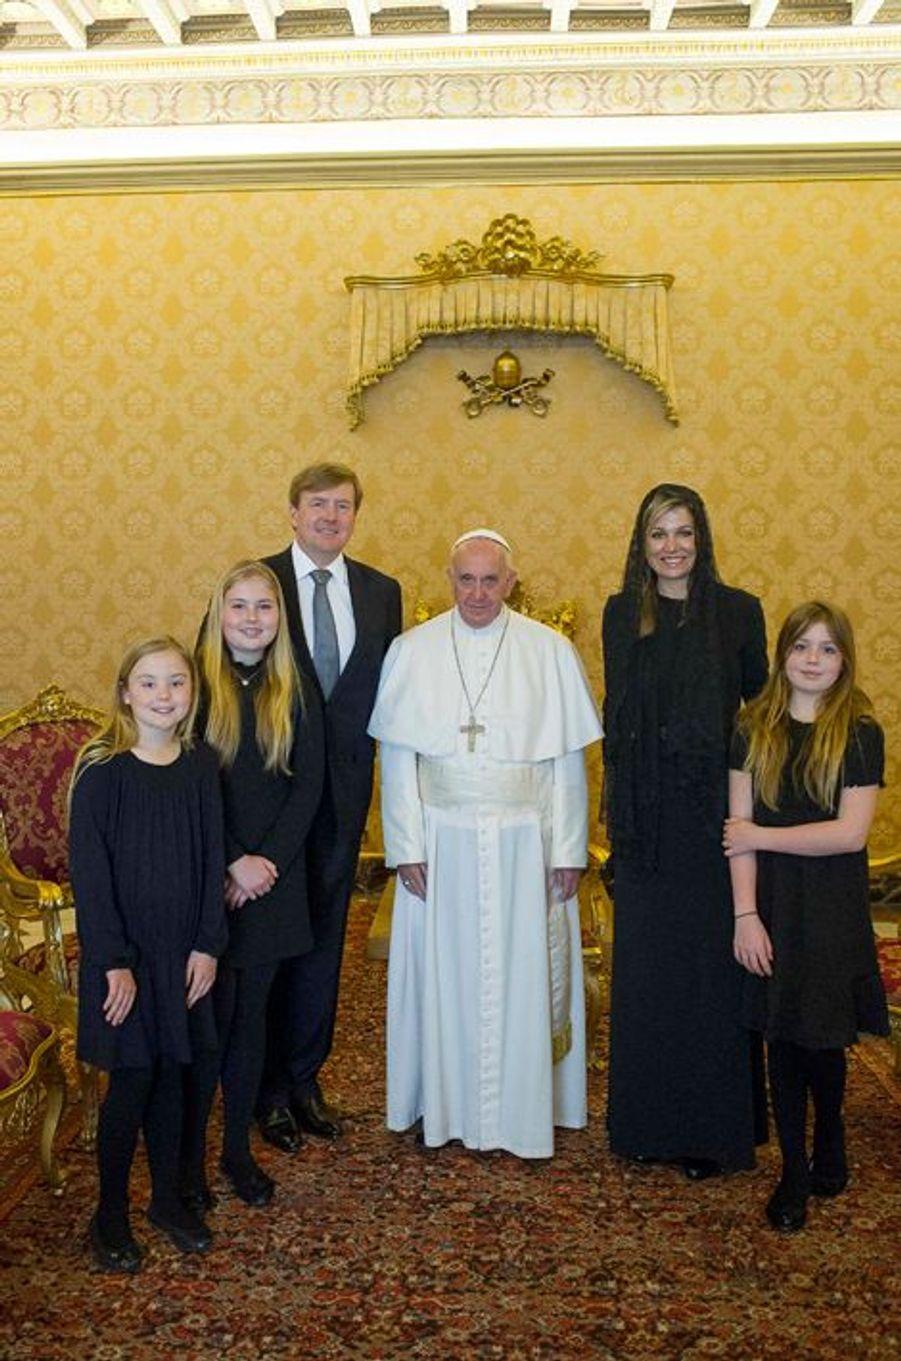 Ce lundi 25 avril, la reine Maxima et le roi Willem-Alexander des Pays-Bas étaient avec leurs trois filles au Vatican où ils ont été reçus par le pape François.Chaque dimanche, le Royal Blog de Paris Match vous propose de voir ou revoir les plus belles photographies de la semaine royale.